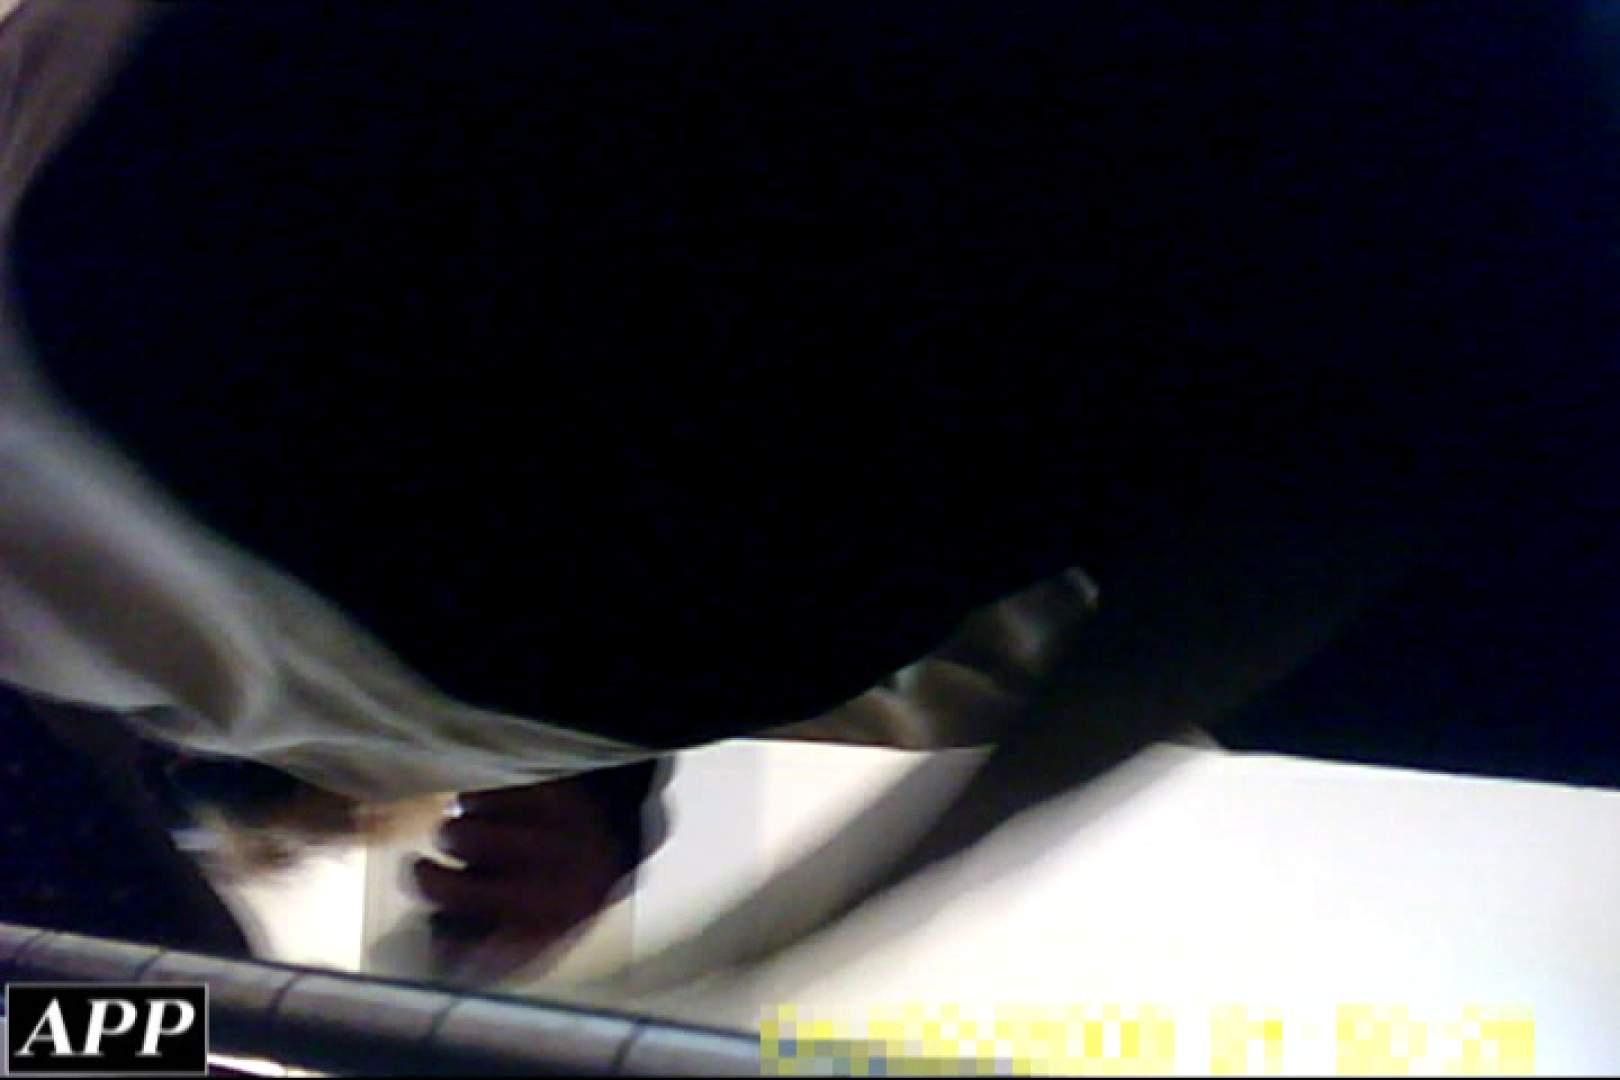 3視点洗面所 vol.101 オマンコ特集 セックス無修正動画無料 81pic 59